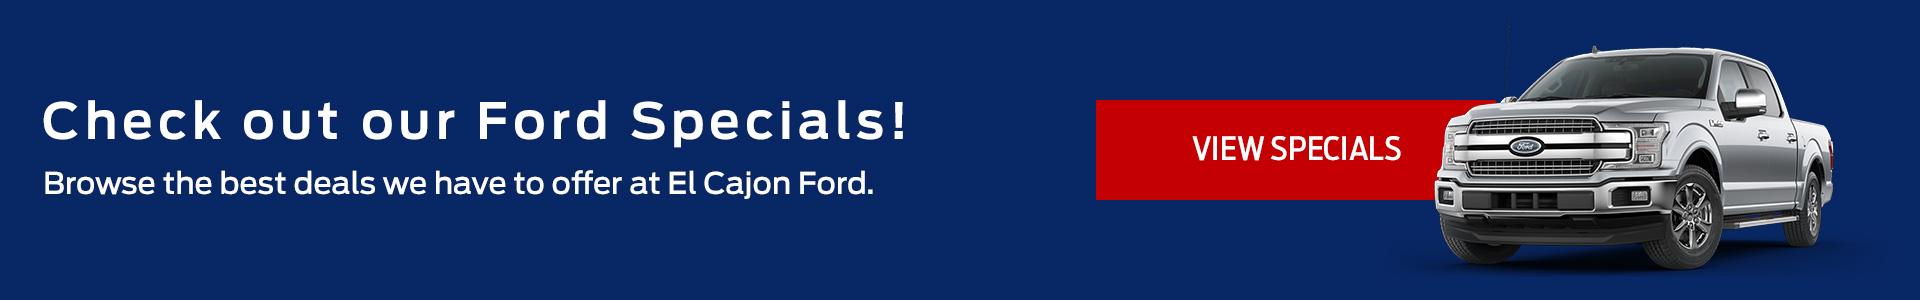 Elcajon Ford Specials Pencil Hero1